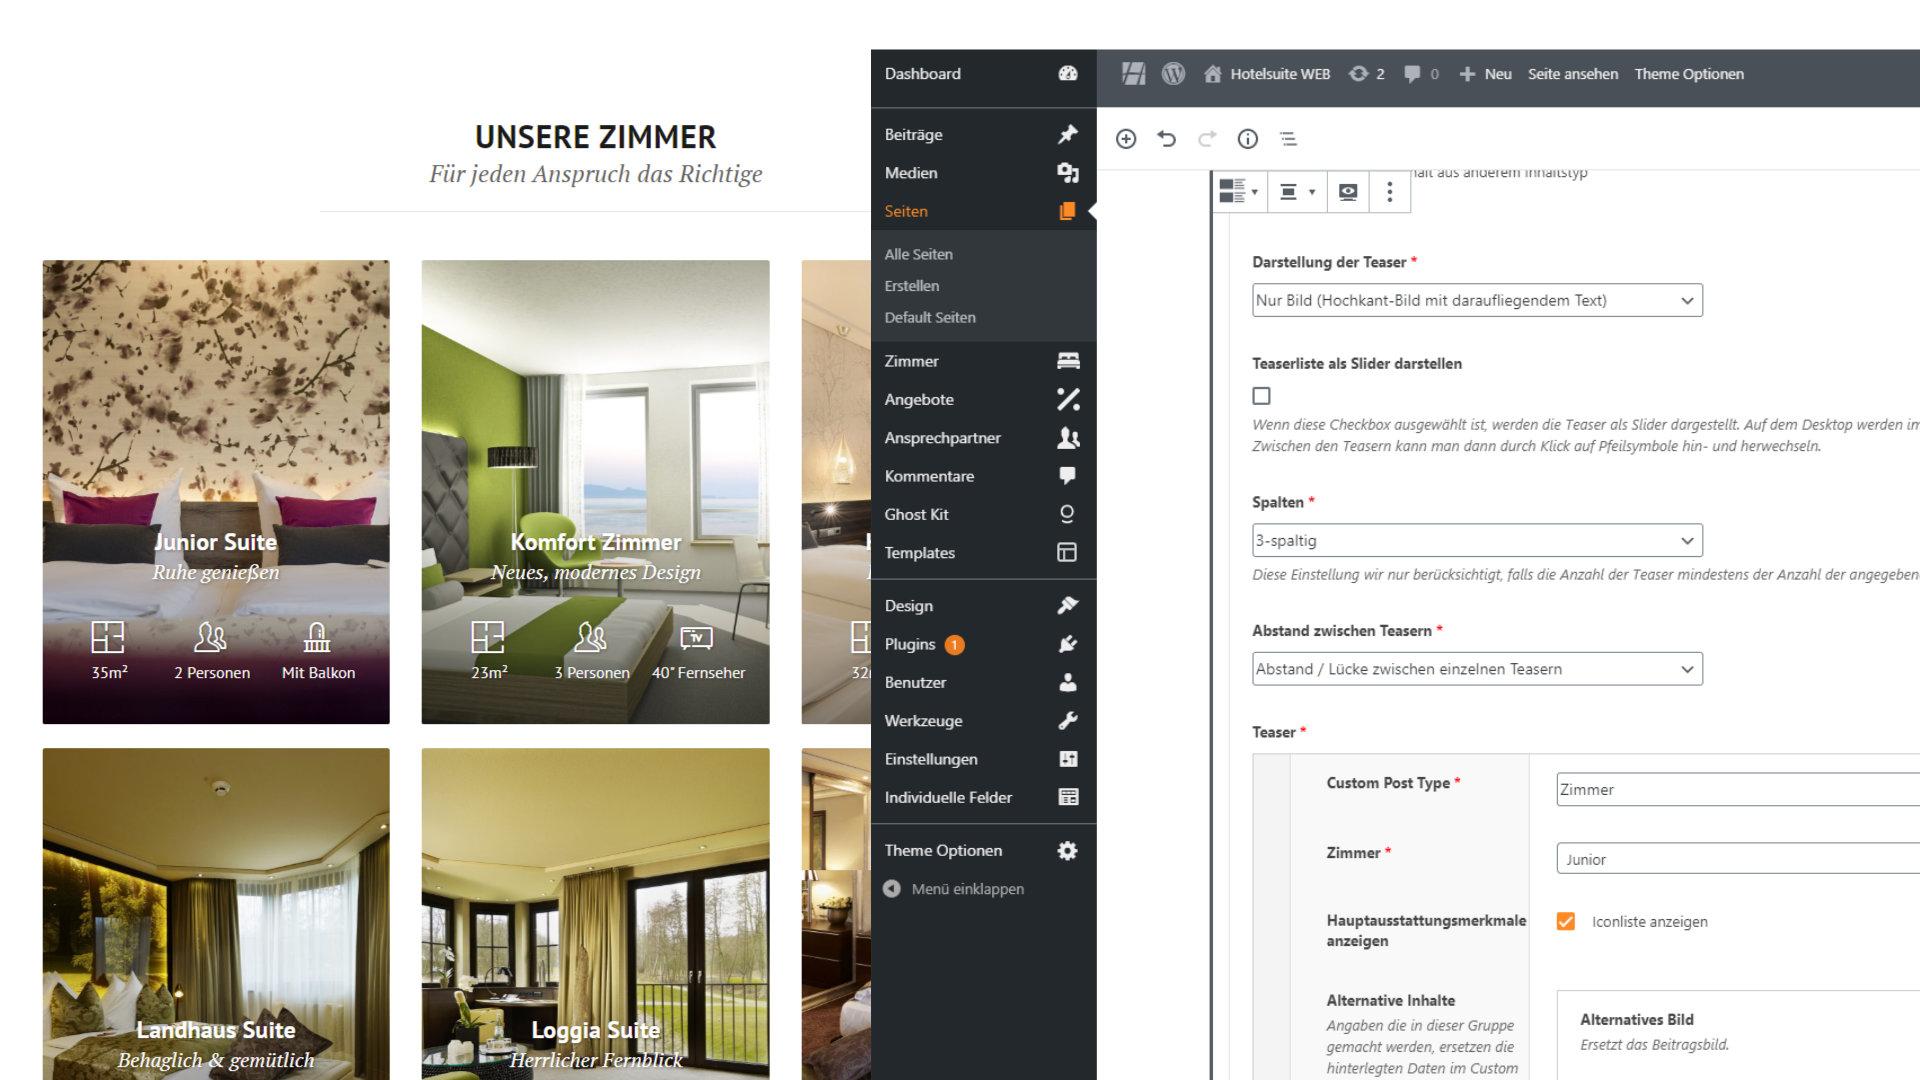 Unterschiedliche Möglichkeiten zur Darstellung Ihrer Zimmerkategorien